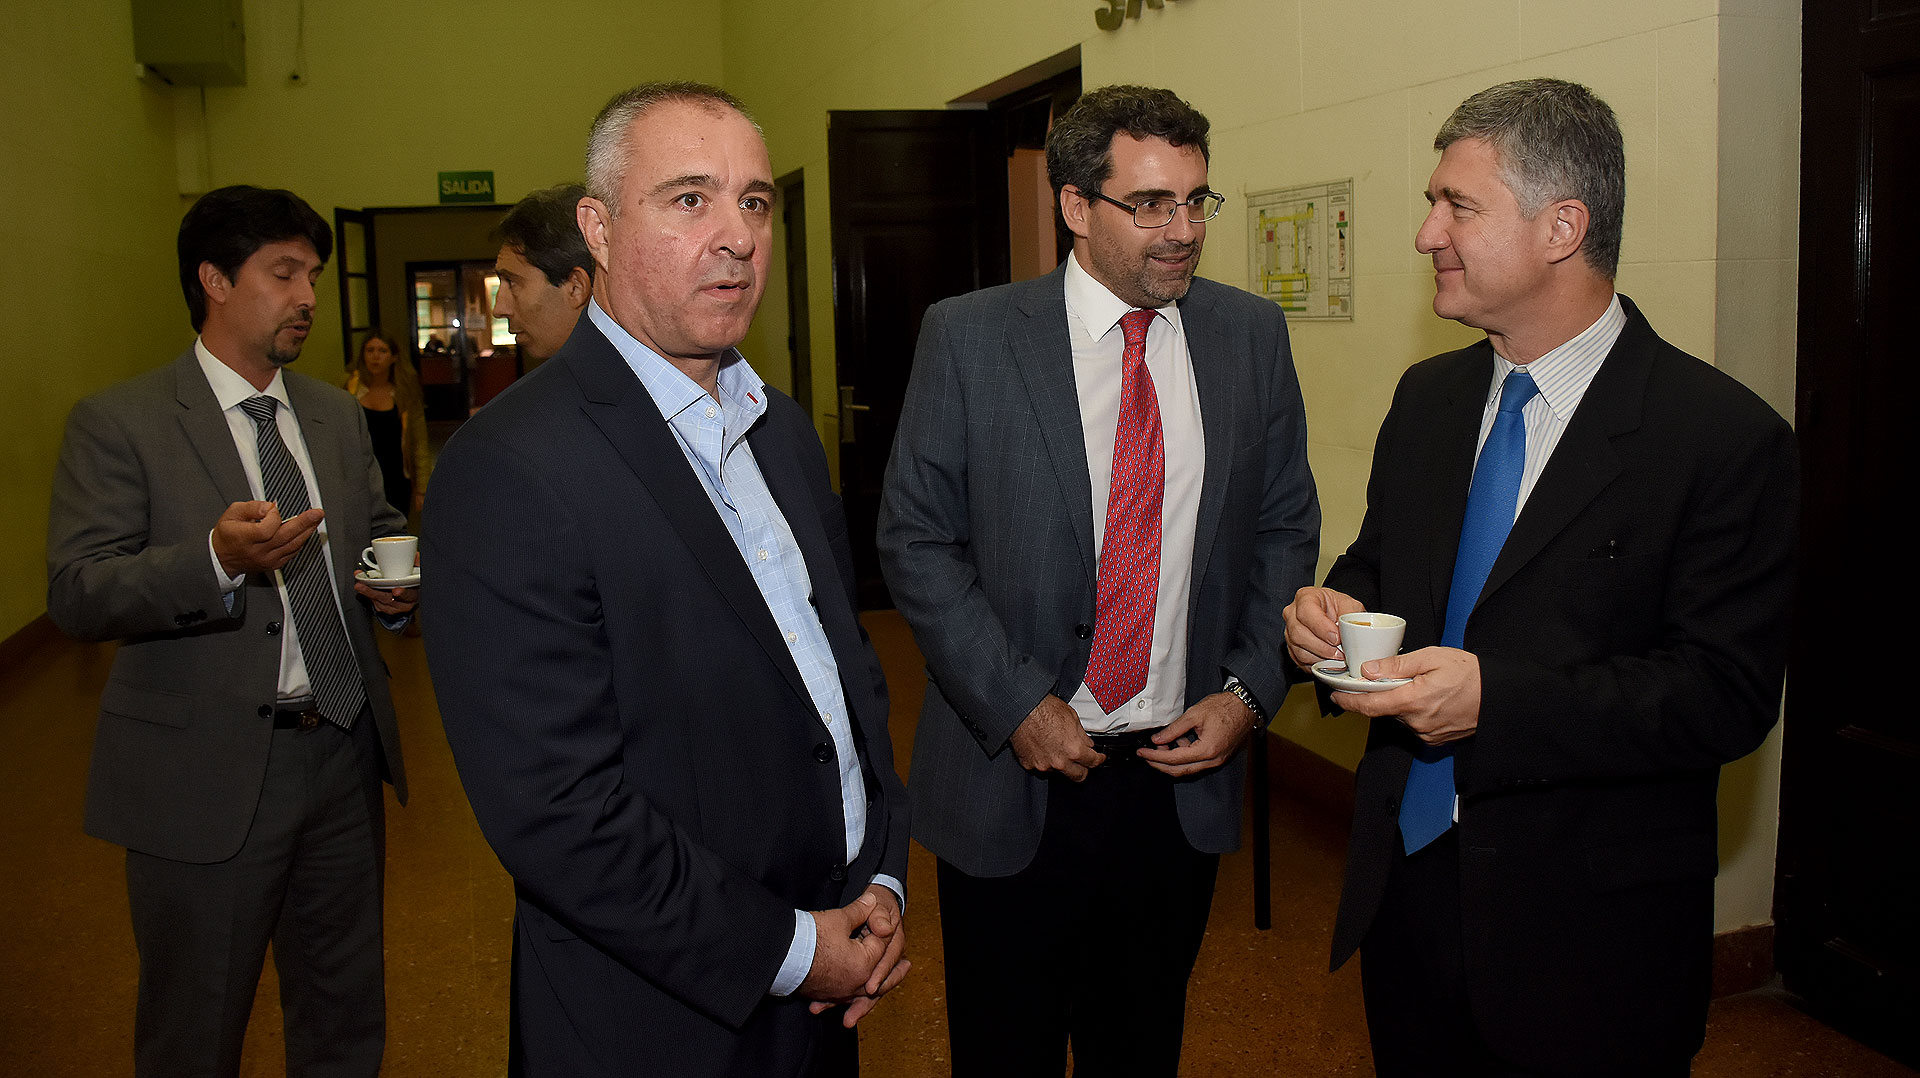 El juez de Campana González Charvay, el camarista Marcos Morán y el juez electoral bonaerense Juan Manuel Culotta